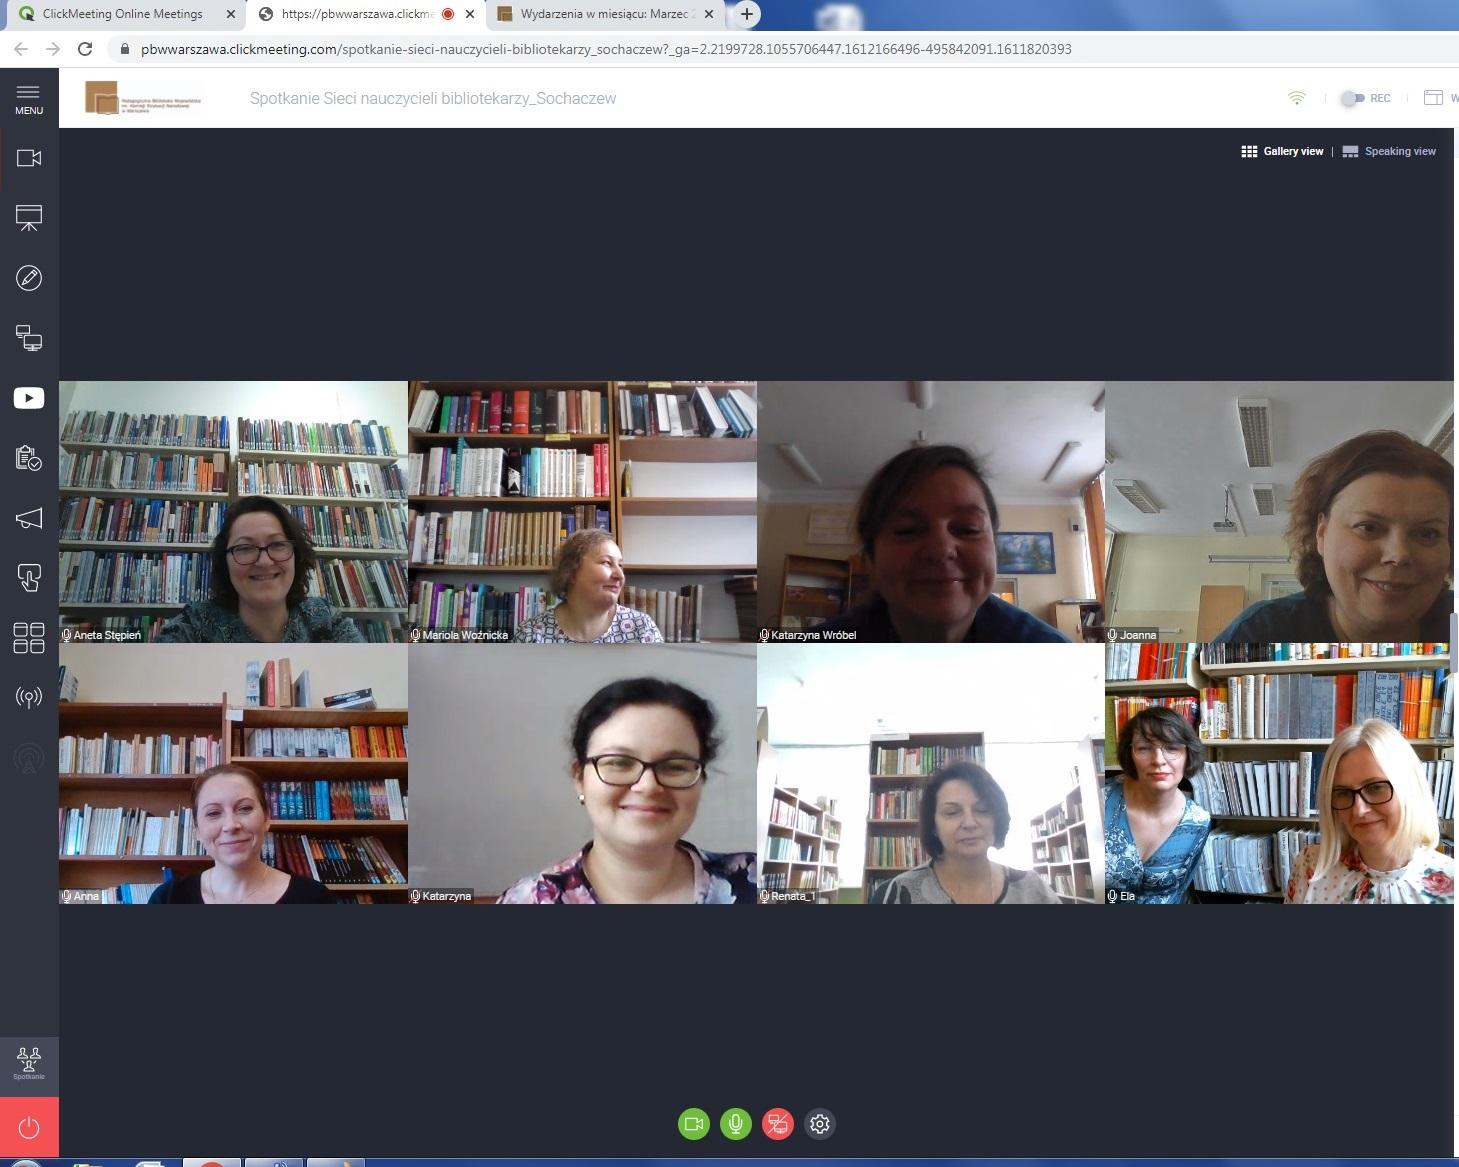 Wirtualne spotkanie nauczycieli bibliotekarzy